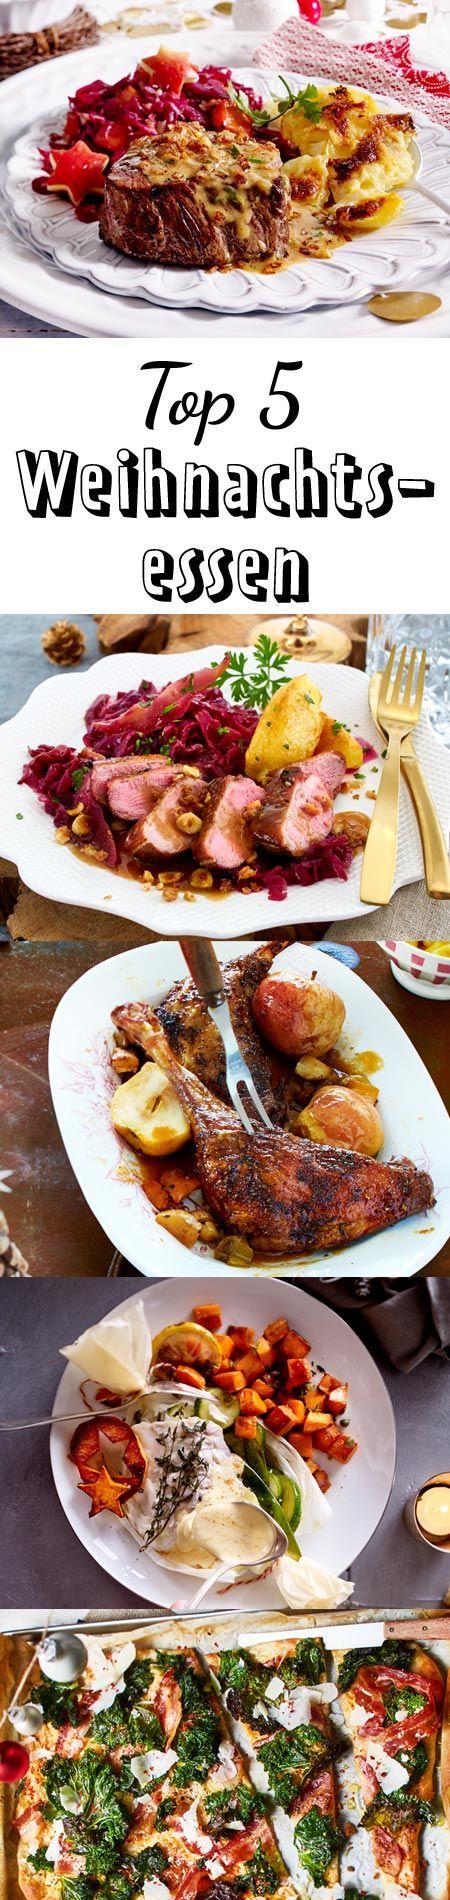 Welches Weihnachtsessen wird's bei dir geben? Ob Gans, Ente oder Steak, hier findest du unsere Top 5 Essen für Weihnachten. #weihnachtsessen #weihnachtsrezepte #hauptspeise #ente #steak #gans